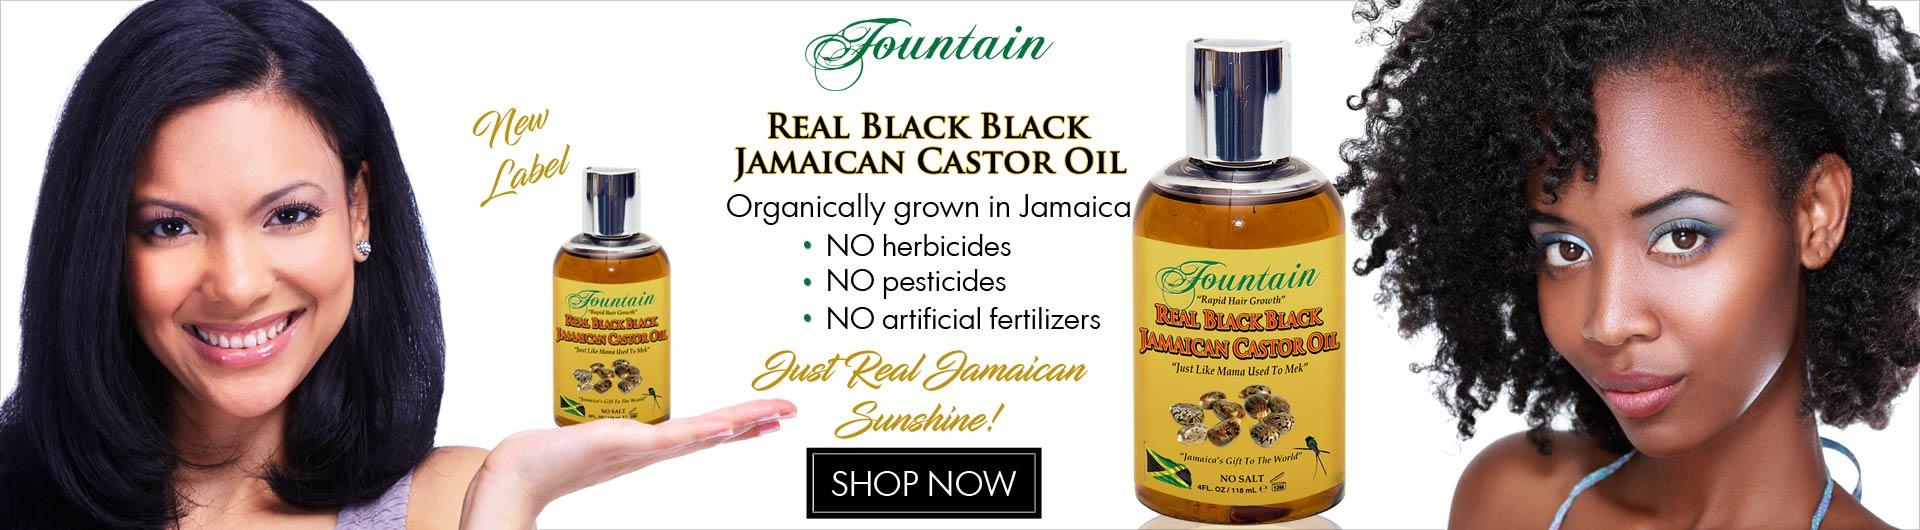 Fountain Real Black Black Jamaican Castor Oil 4oz